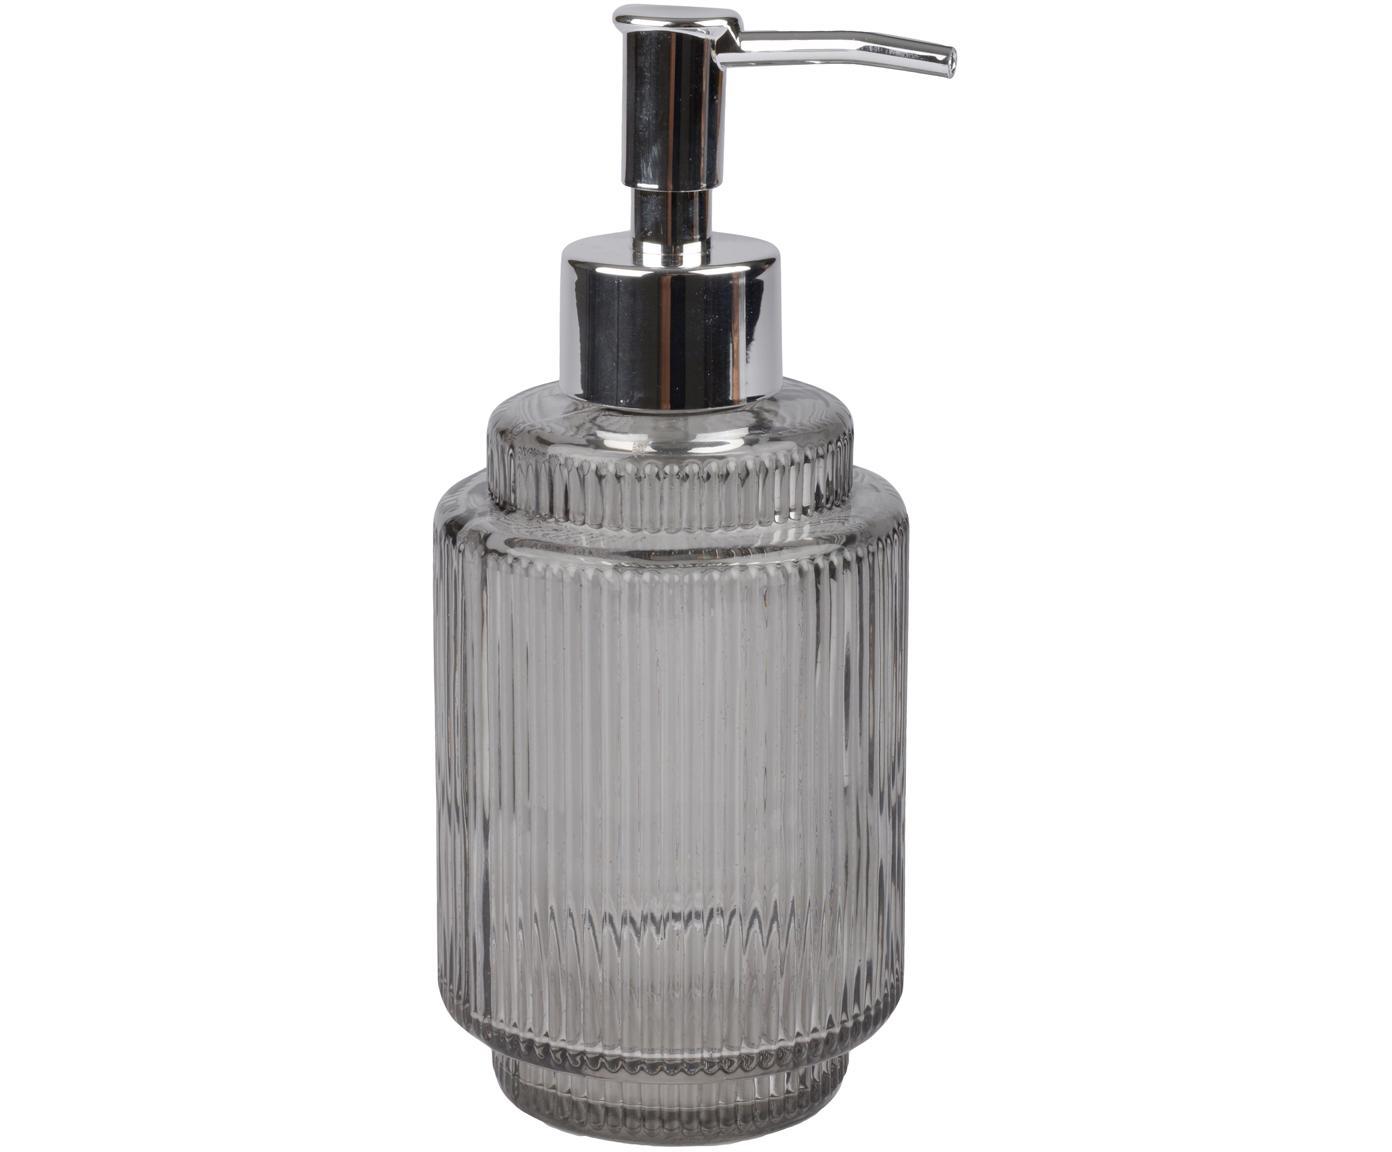 Dosificador de jabón Ligia, Vidrio, Gris, transparente, plateado, Ø 8 x Al 17 cm